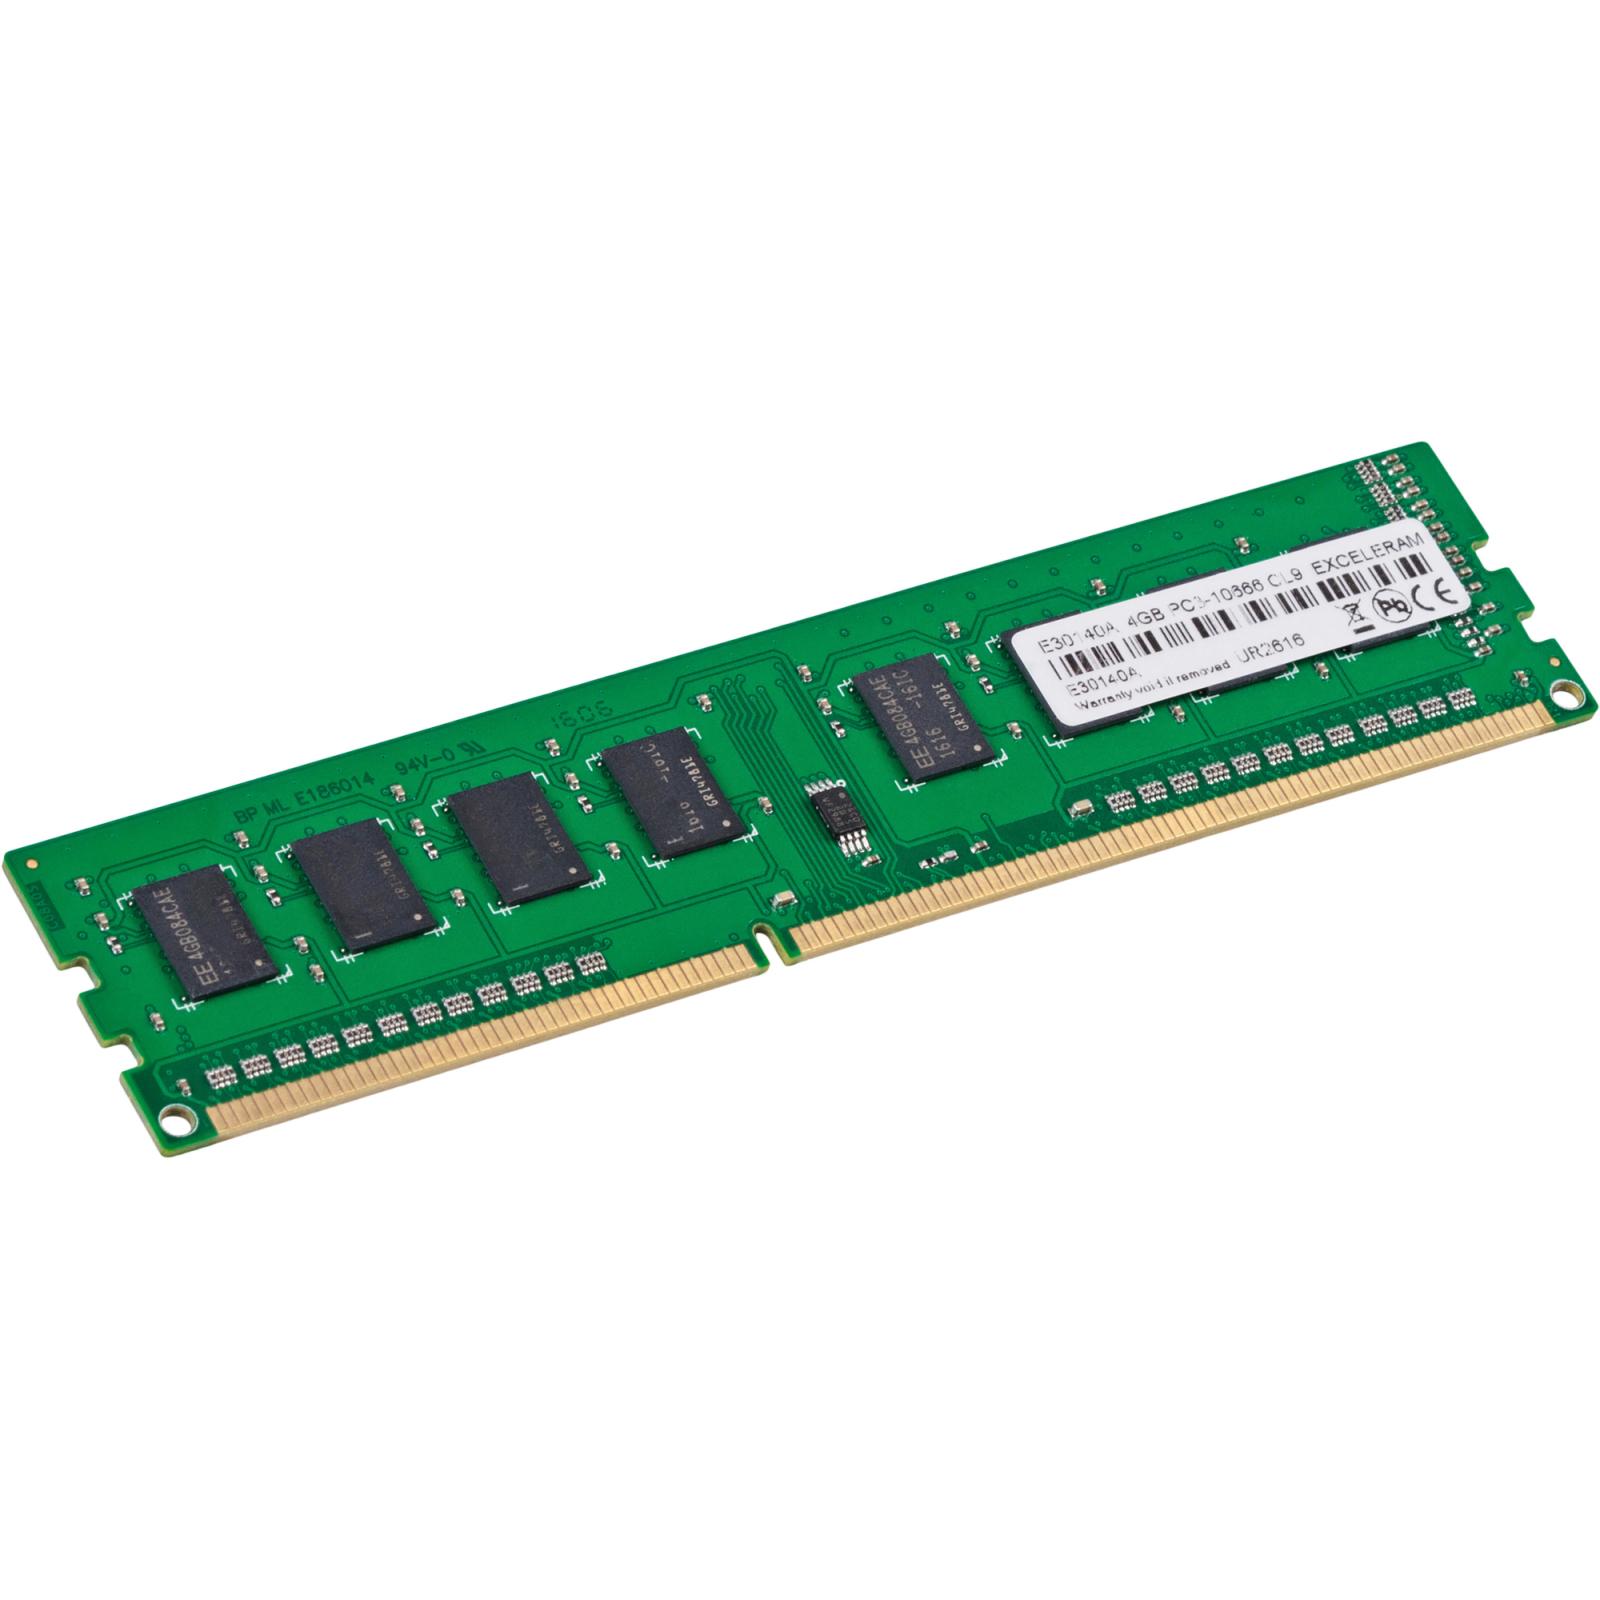 Модуль памяти для компьютера eXceleram DDR3 4GB 1333 MHz (E30140A) изображение 2